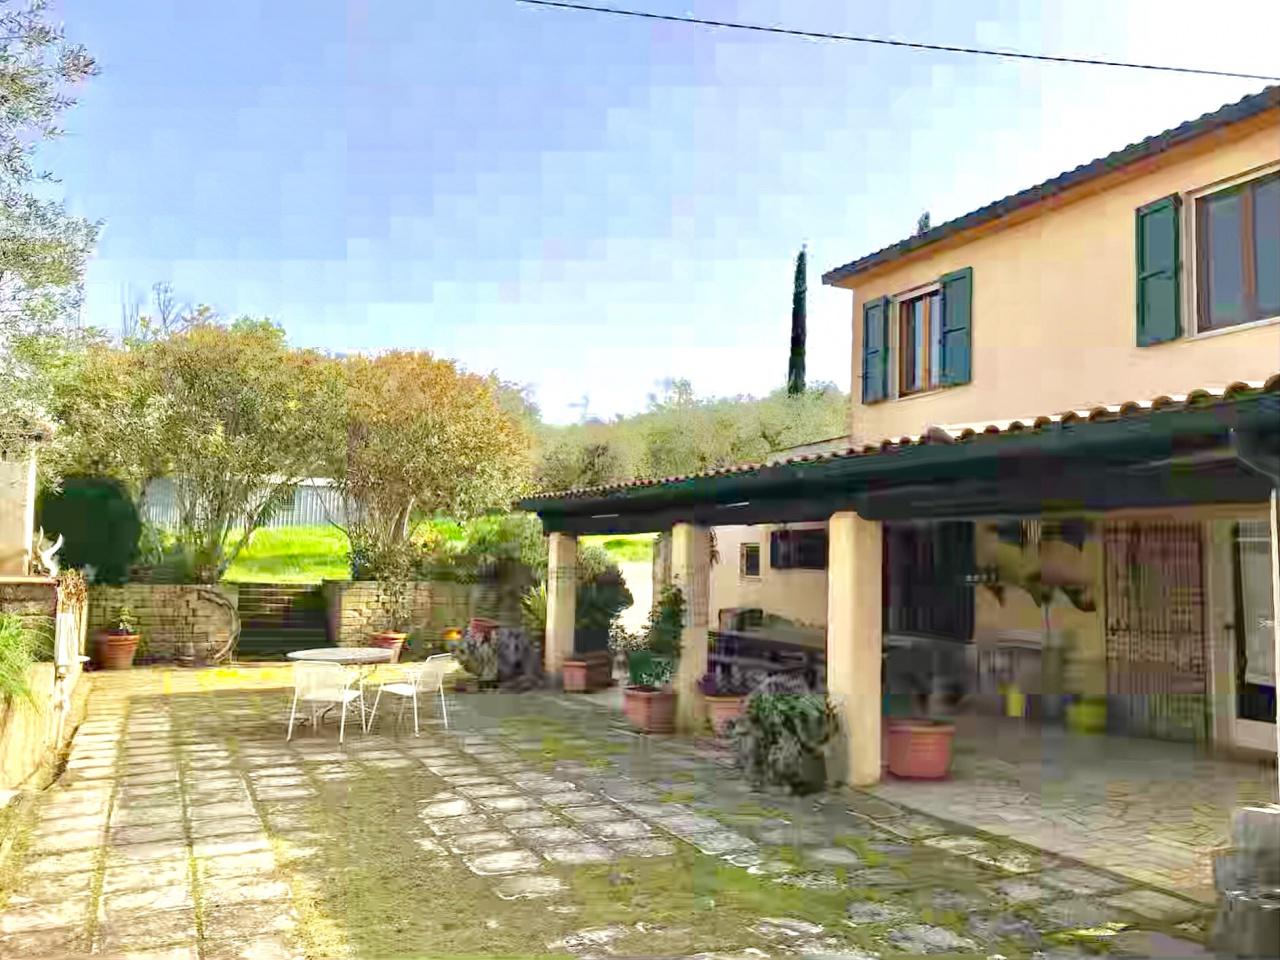 Rustico / Casale ristrutturato in vendita Rif. 7999558